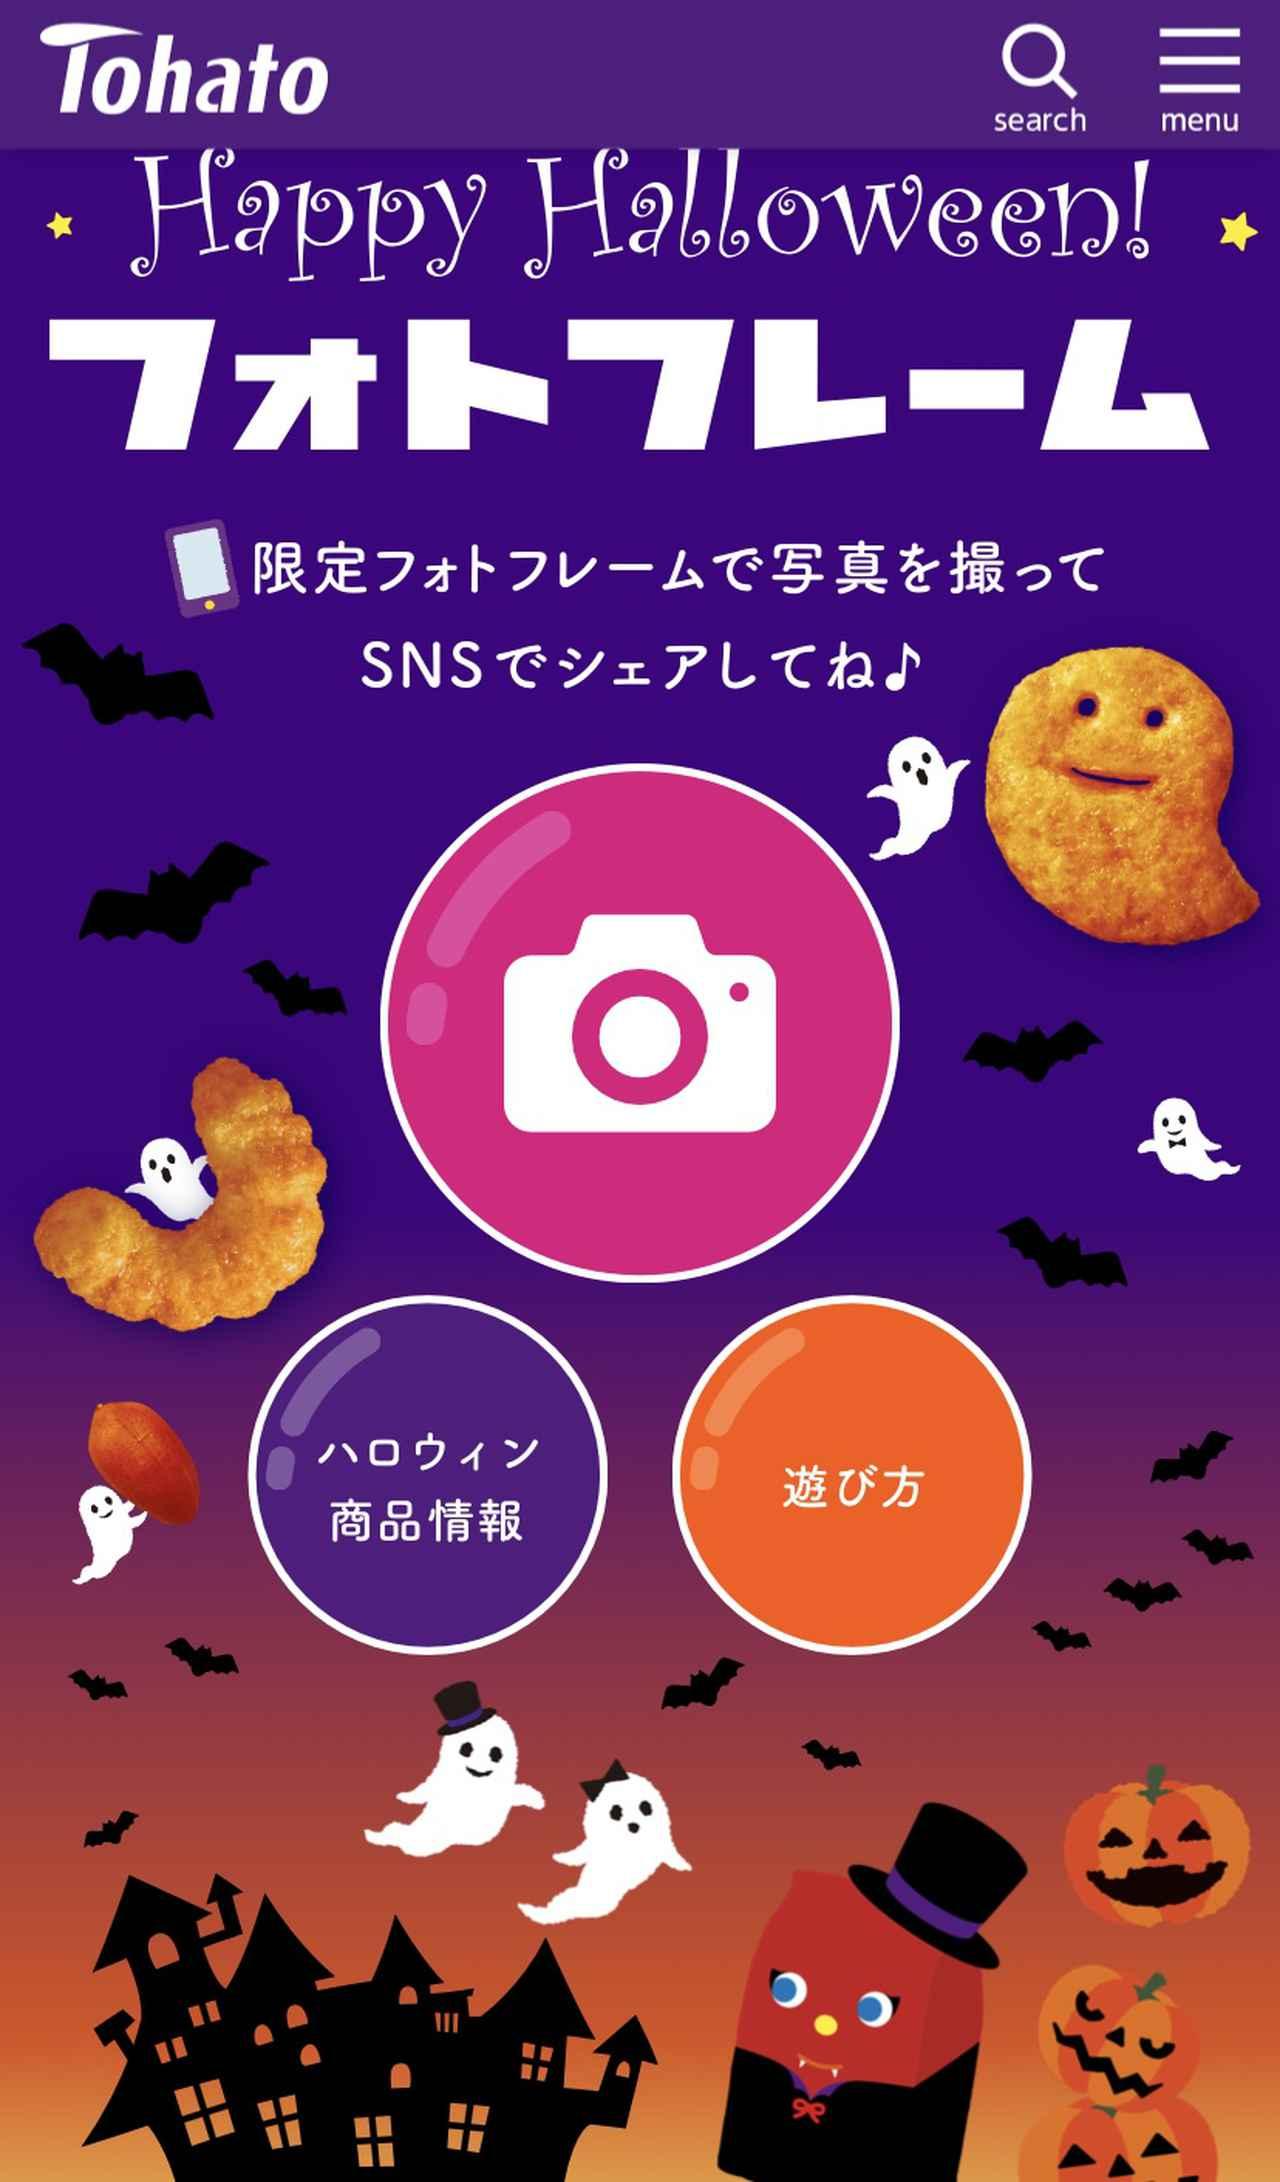 画像1: www.tohato.jp